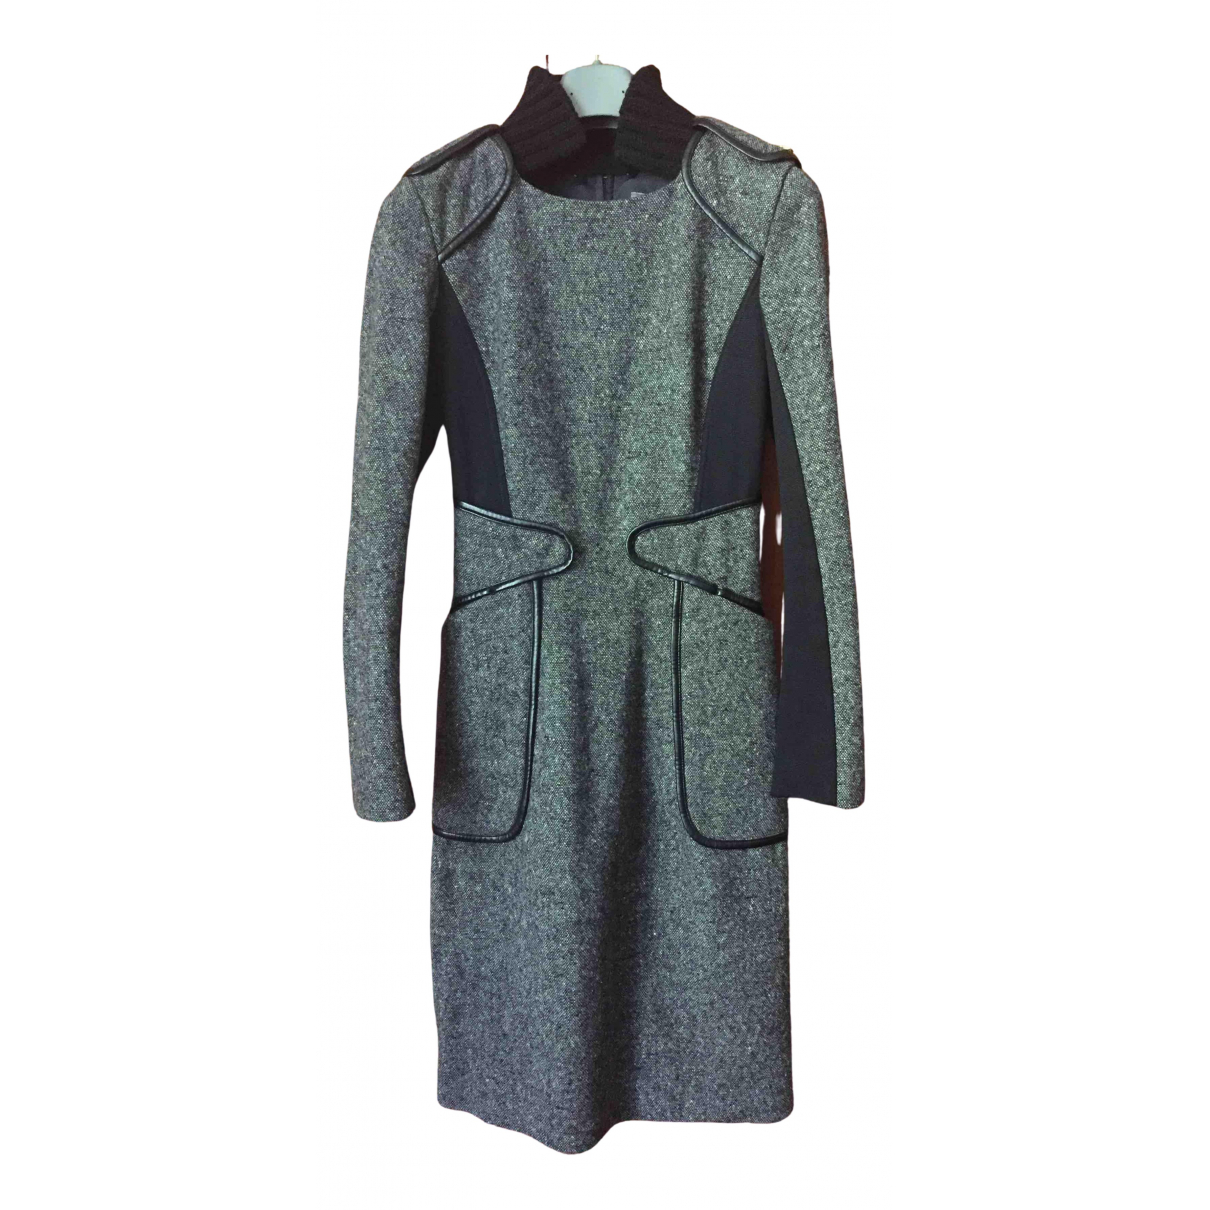 Sport Max \N Grey Wool dress for Women 38 IT